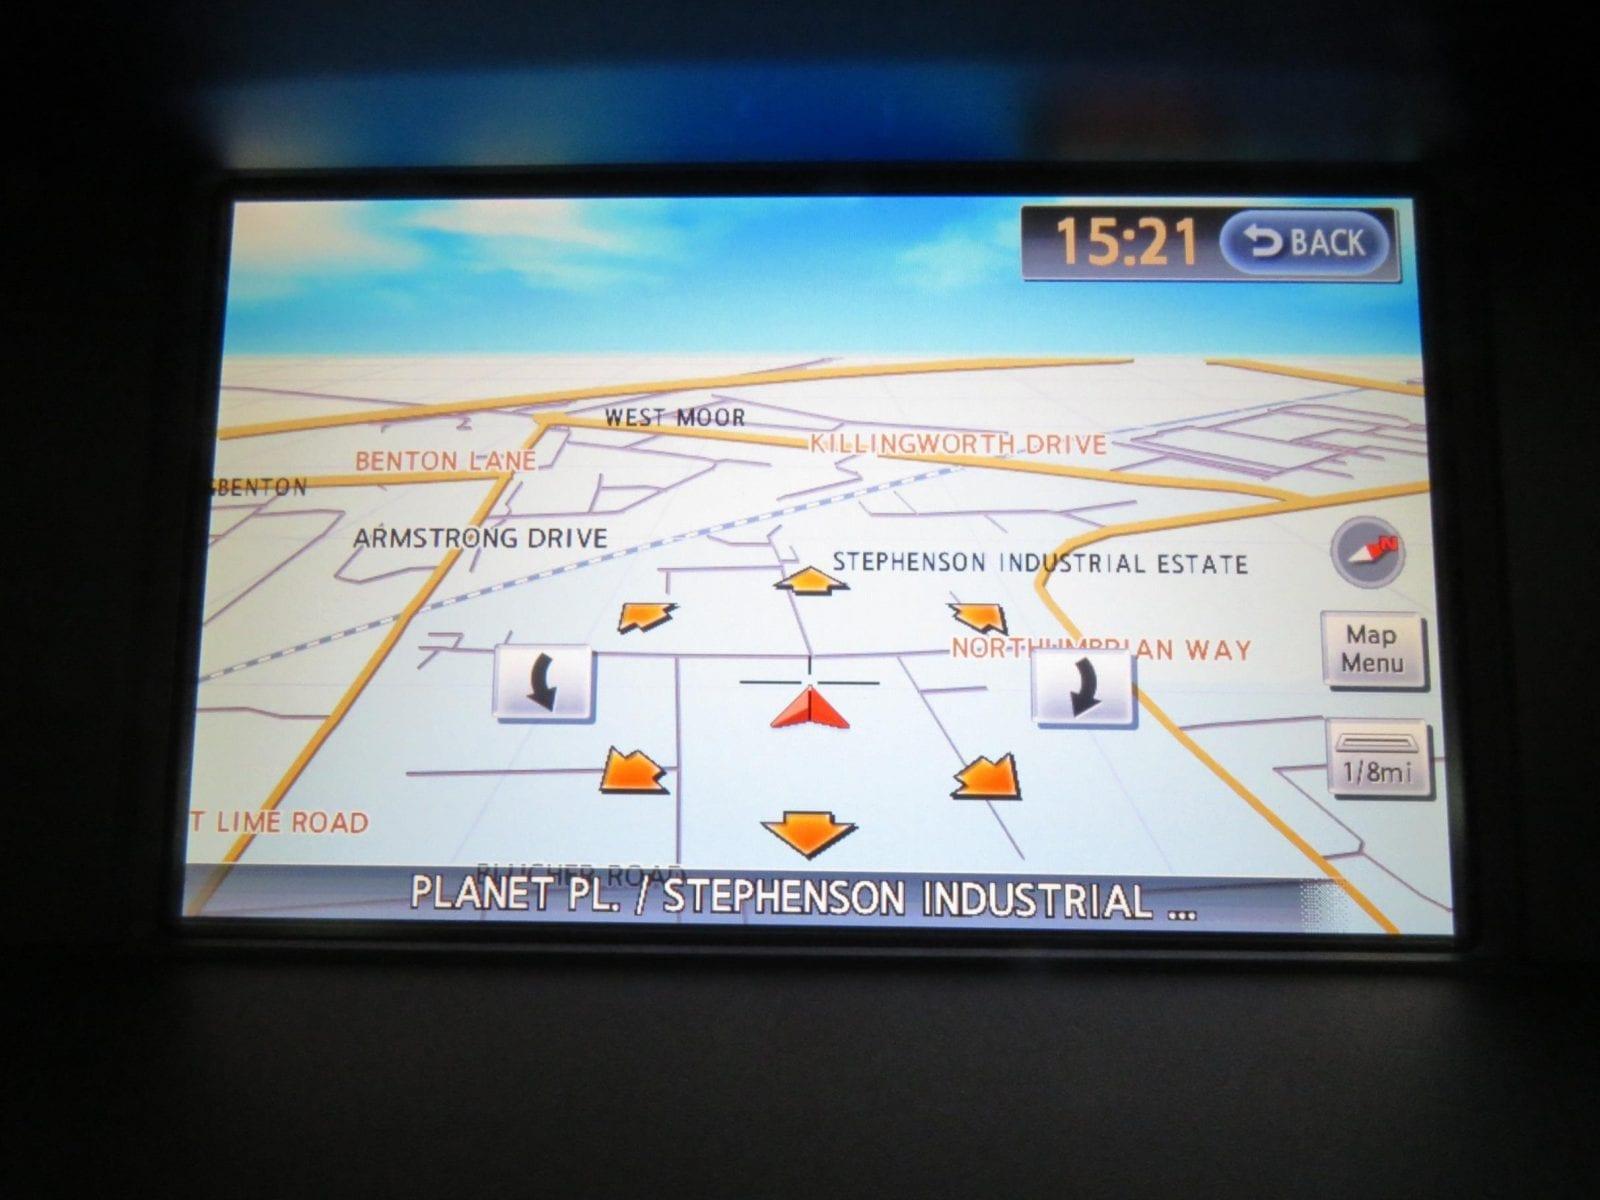 BU12CNZ_010-scaled.jpg